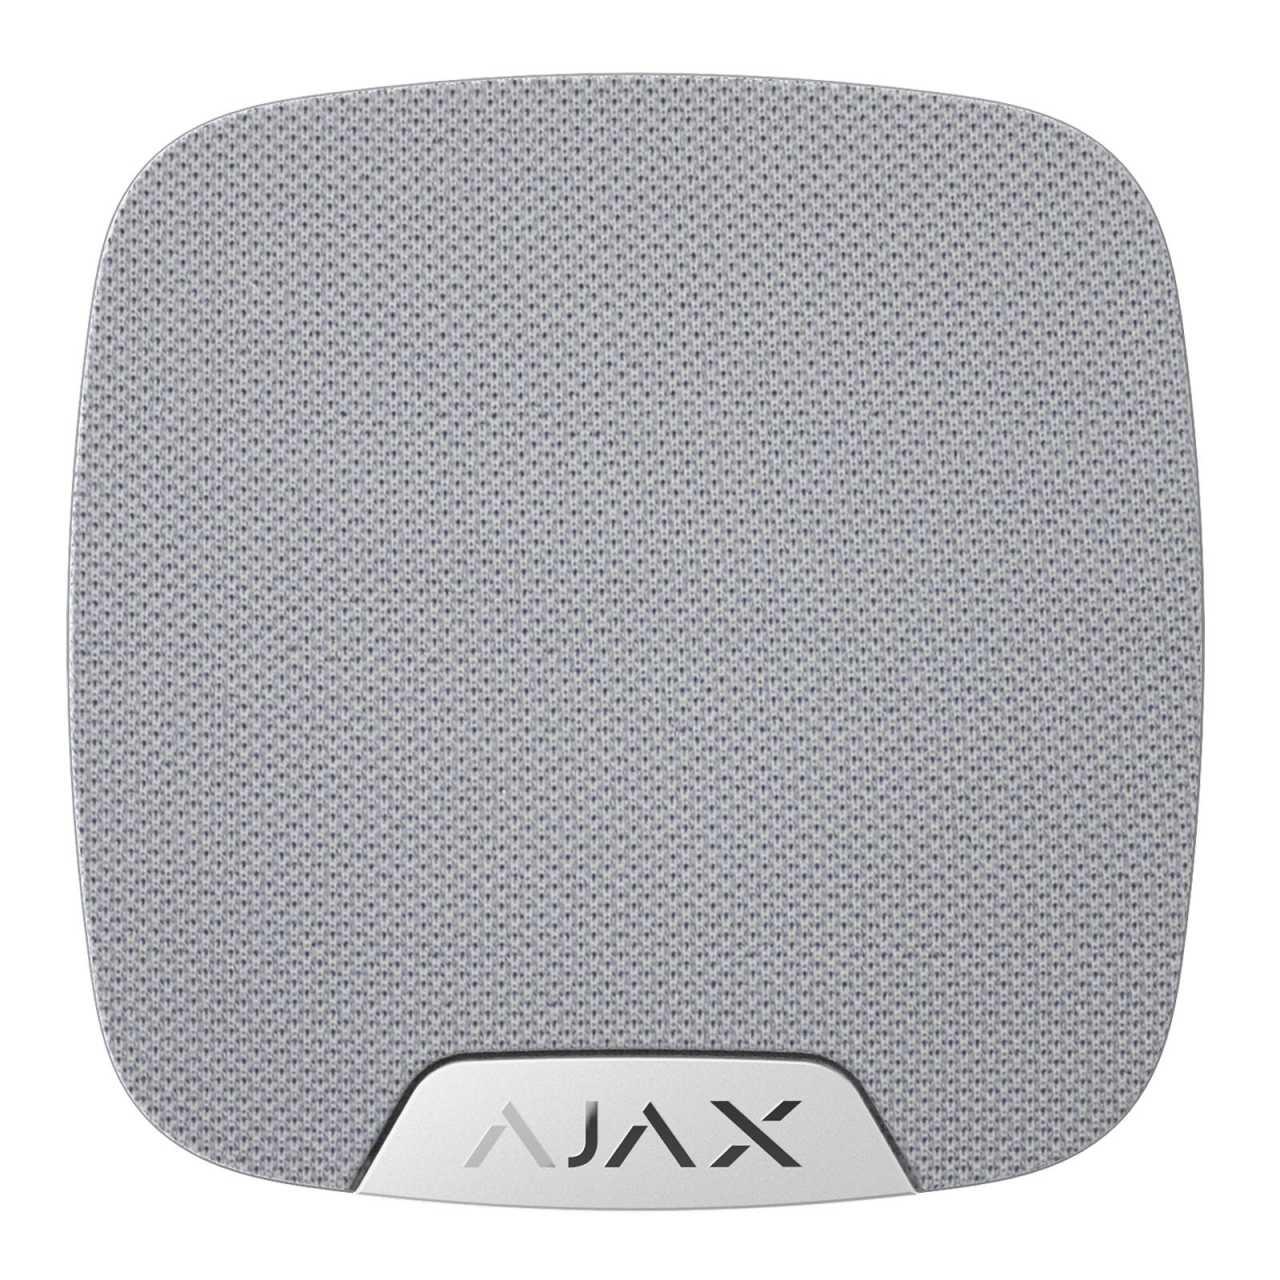 Ajax Systems AJAX Funk Innensirene drahtlose Sirene mit bis zu 105 dB HomeSiren Weiss AJAMEL25